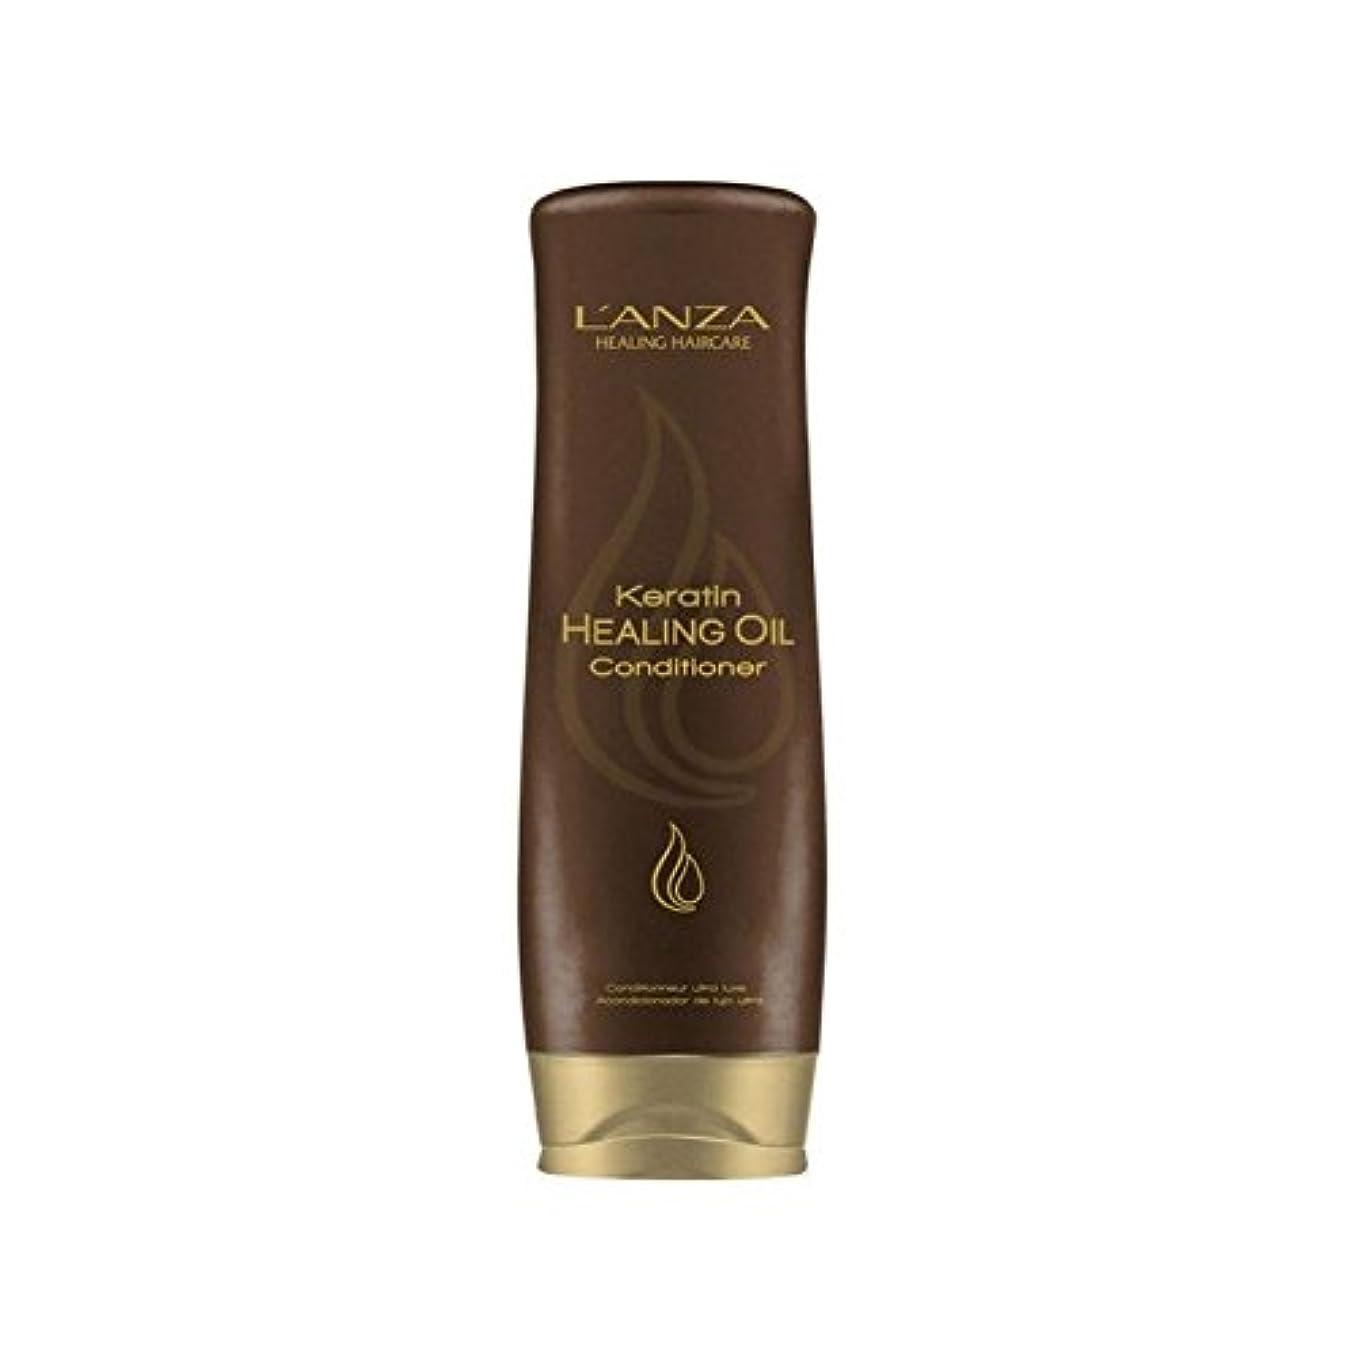 サバント形成気味の悪いL'Anza Keratin Healing Oil Conditioner (250ml) - アンザケラチンオイルコンディショナー(250ミリリットル)を癒し [並行輸入品]